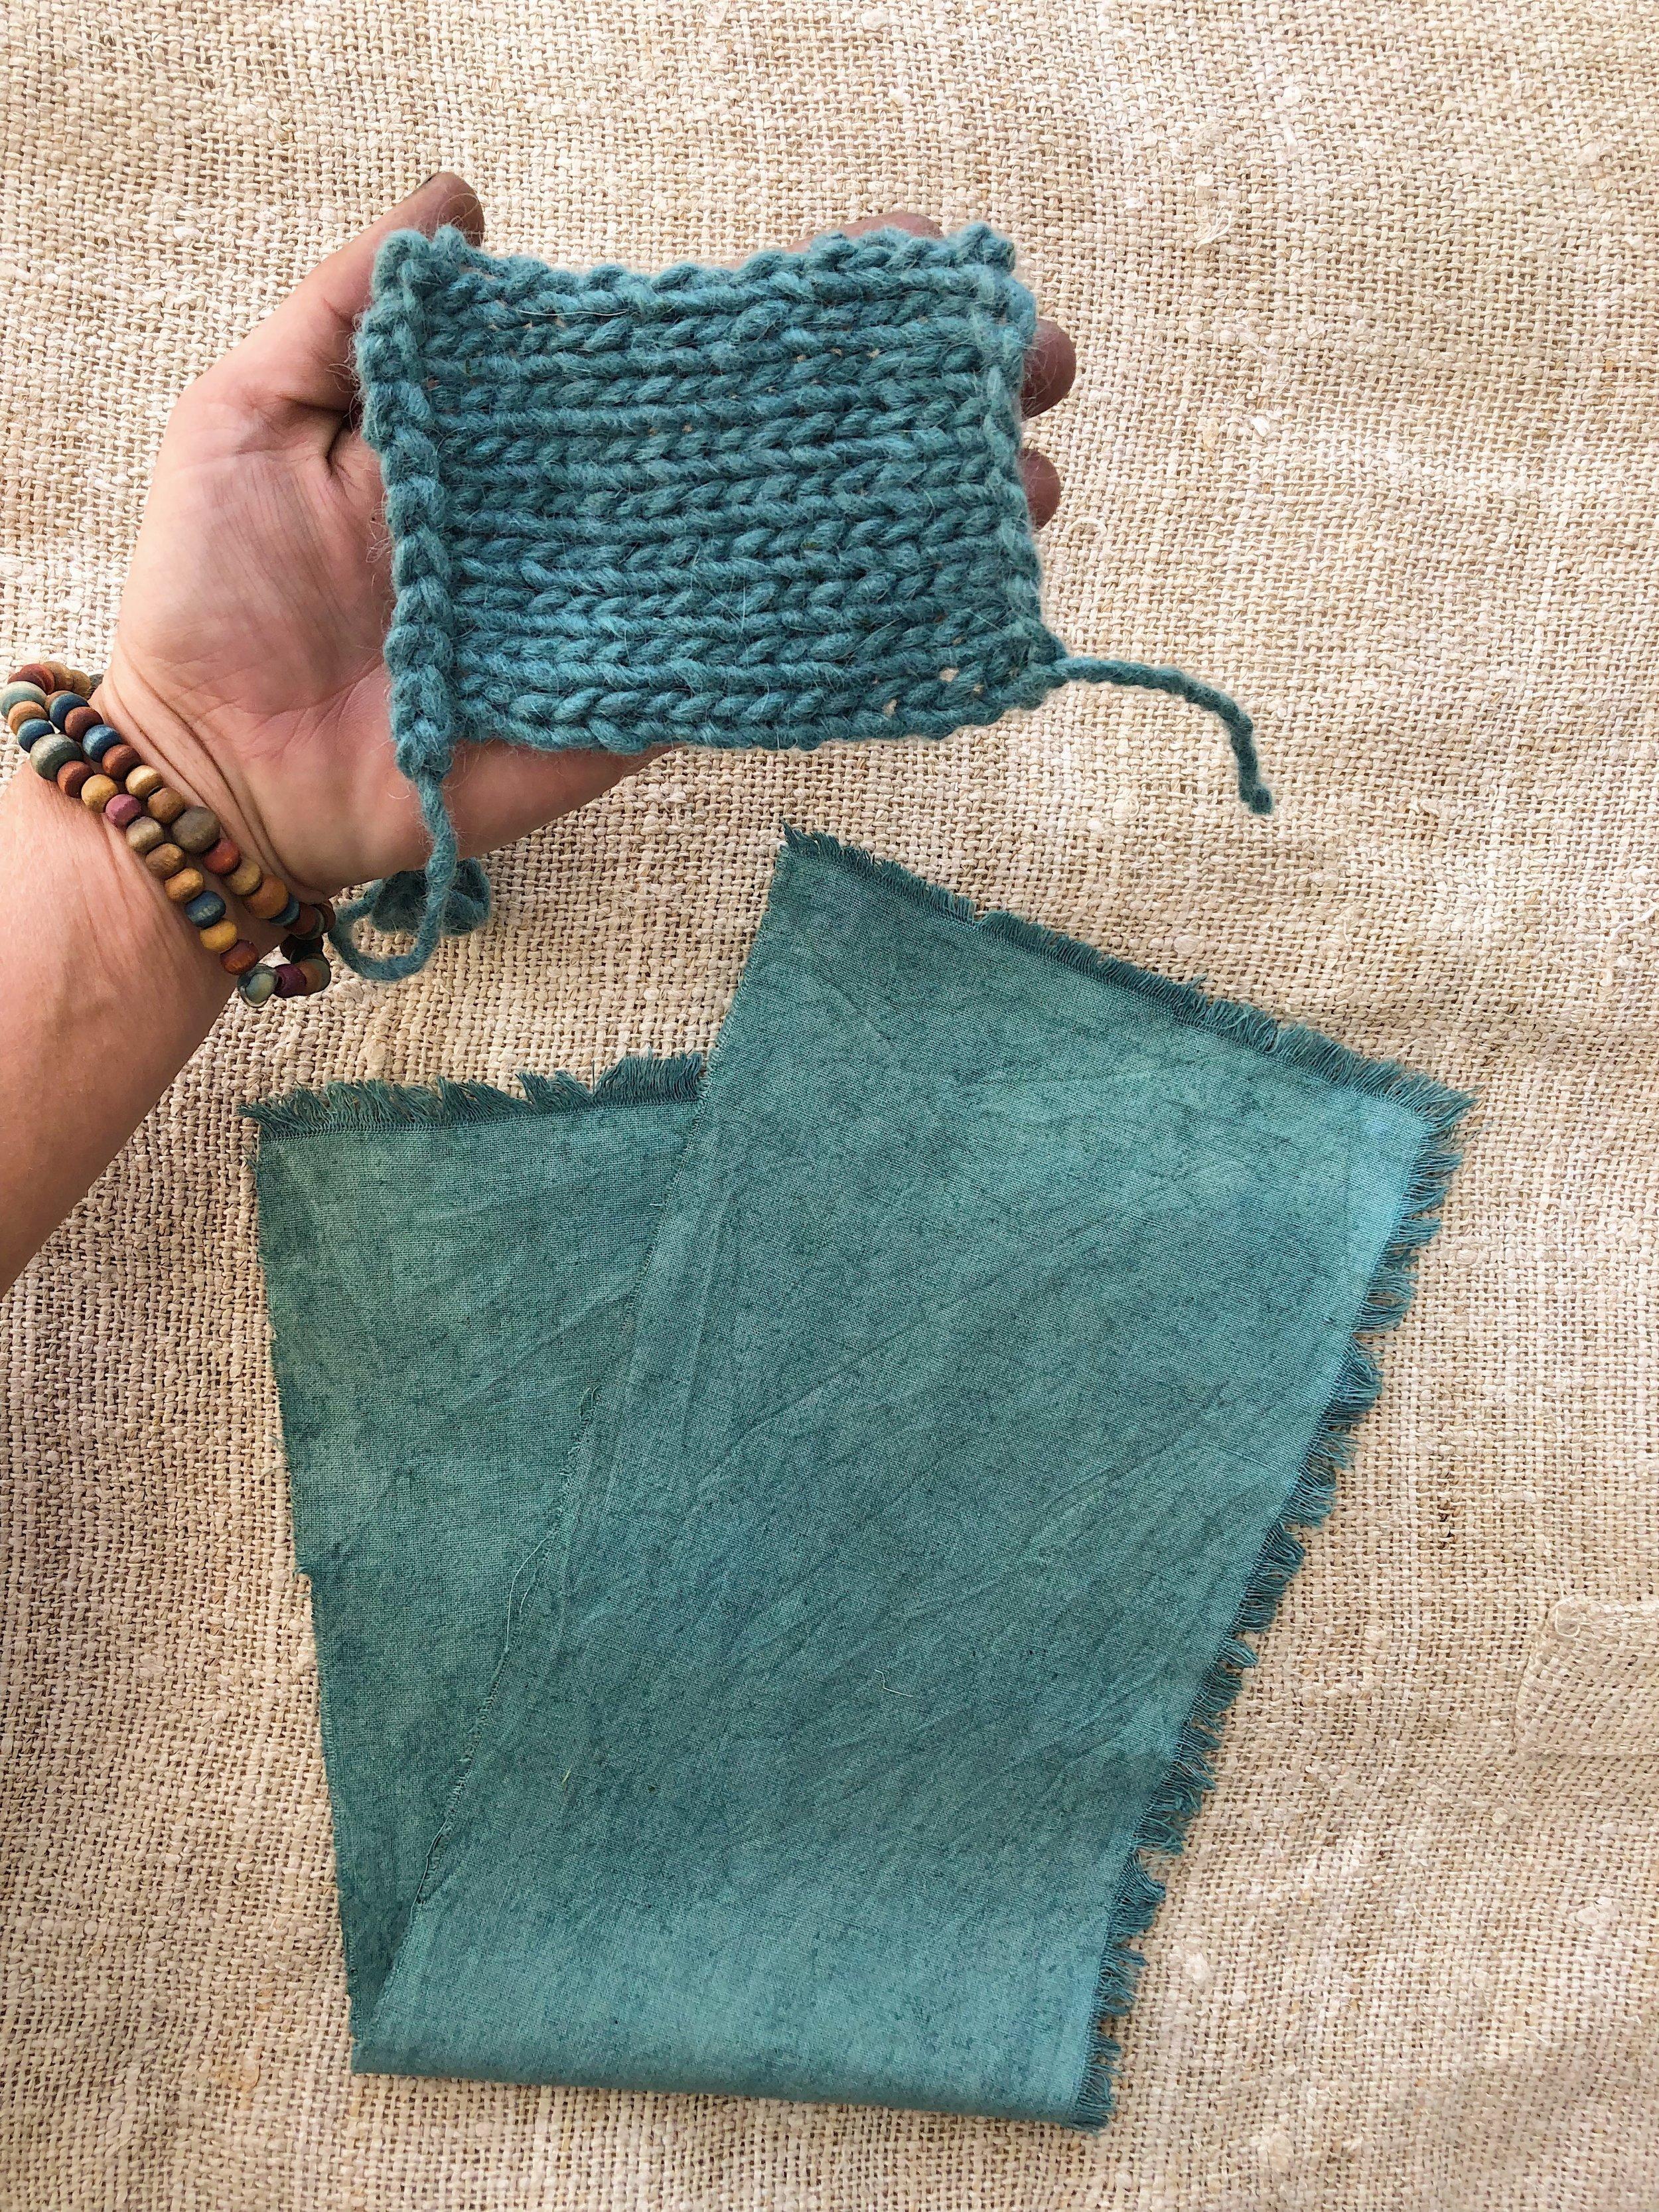 dried resulting colors of fresh leaf indigo salt rub on soymilk cured wool yarn & hemp/organic cotton muslin